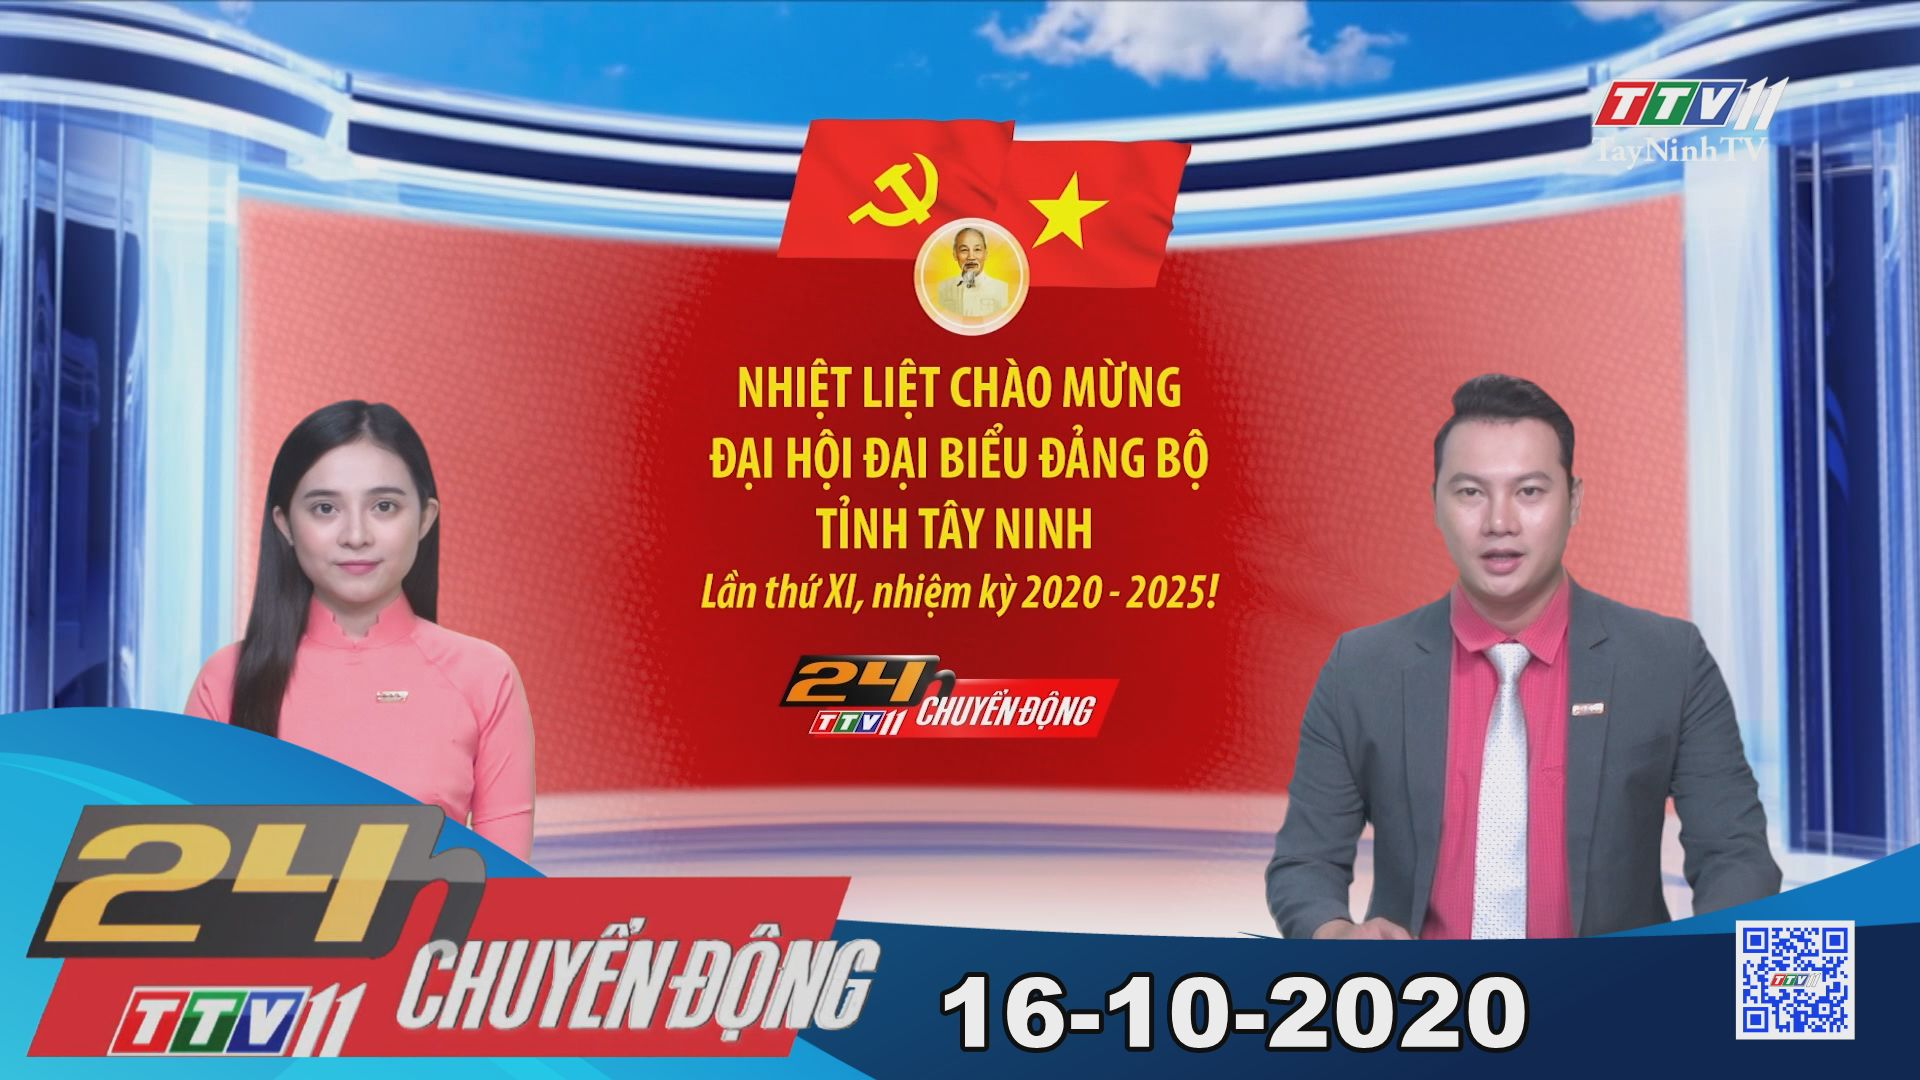 24h Chuyển động 16-10-2020 | Tin tức hôm nay | TayNinhTV